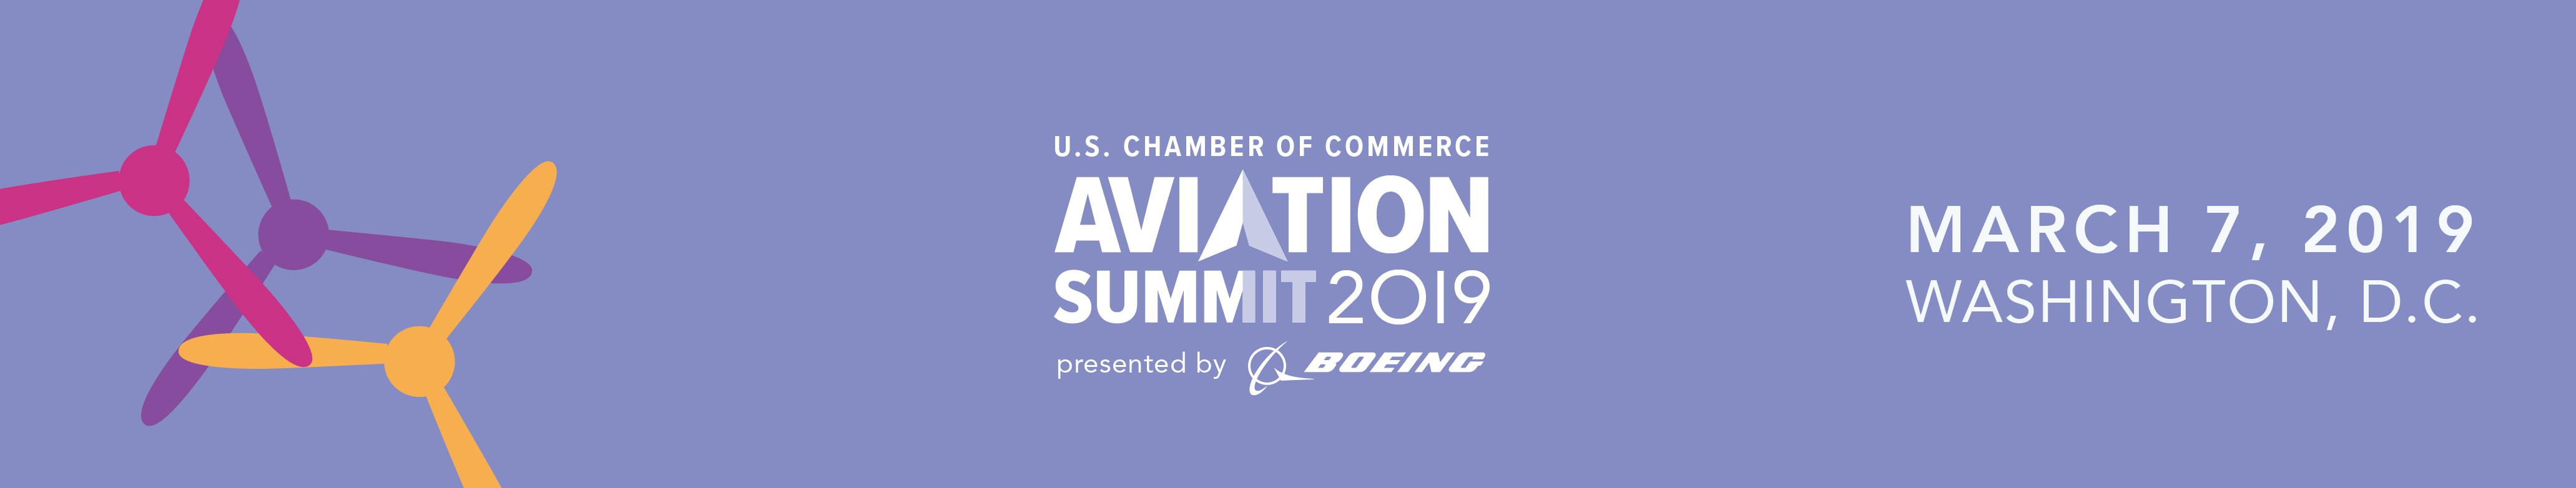 2019 Aviation Summit